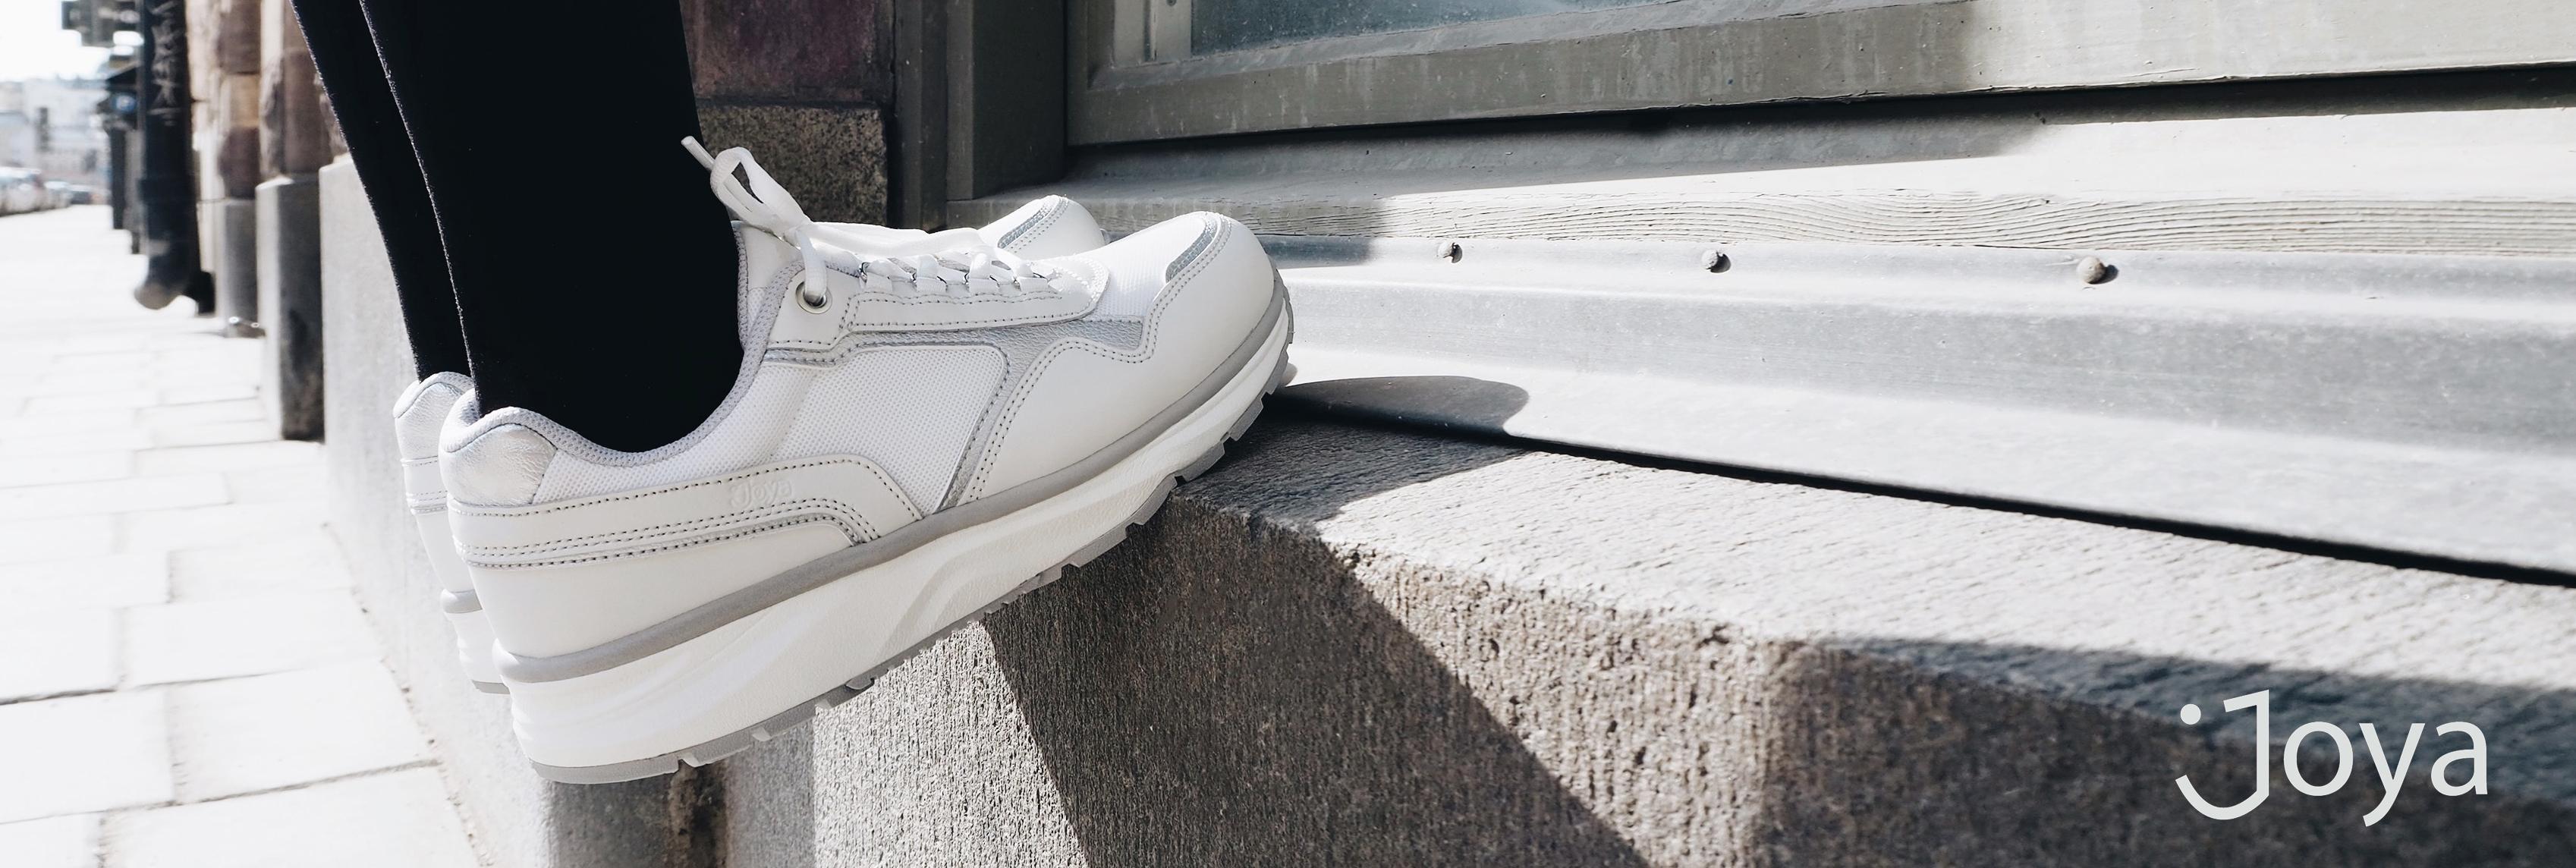 super popular 6bb73 6a3c9 Joya verkar för att genom sina mjuka skor, avlasta både rygg och leder. Med  sin innovation avlastar skorna leder och rygg och ger en suverän svikt.